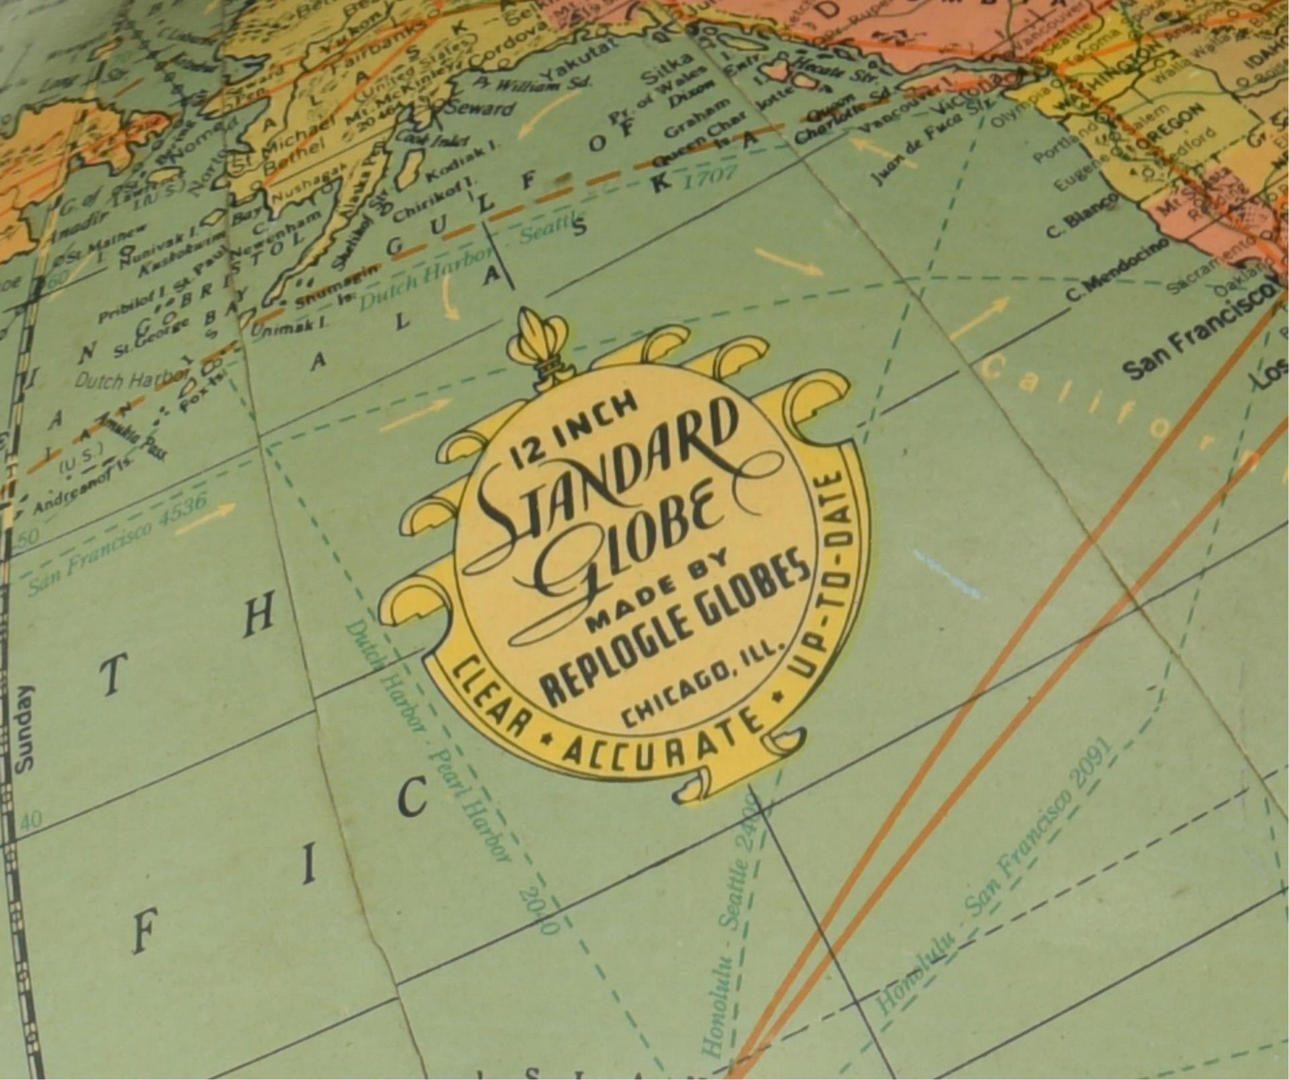 Lot 180: Group of Vintage Globes